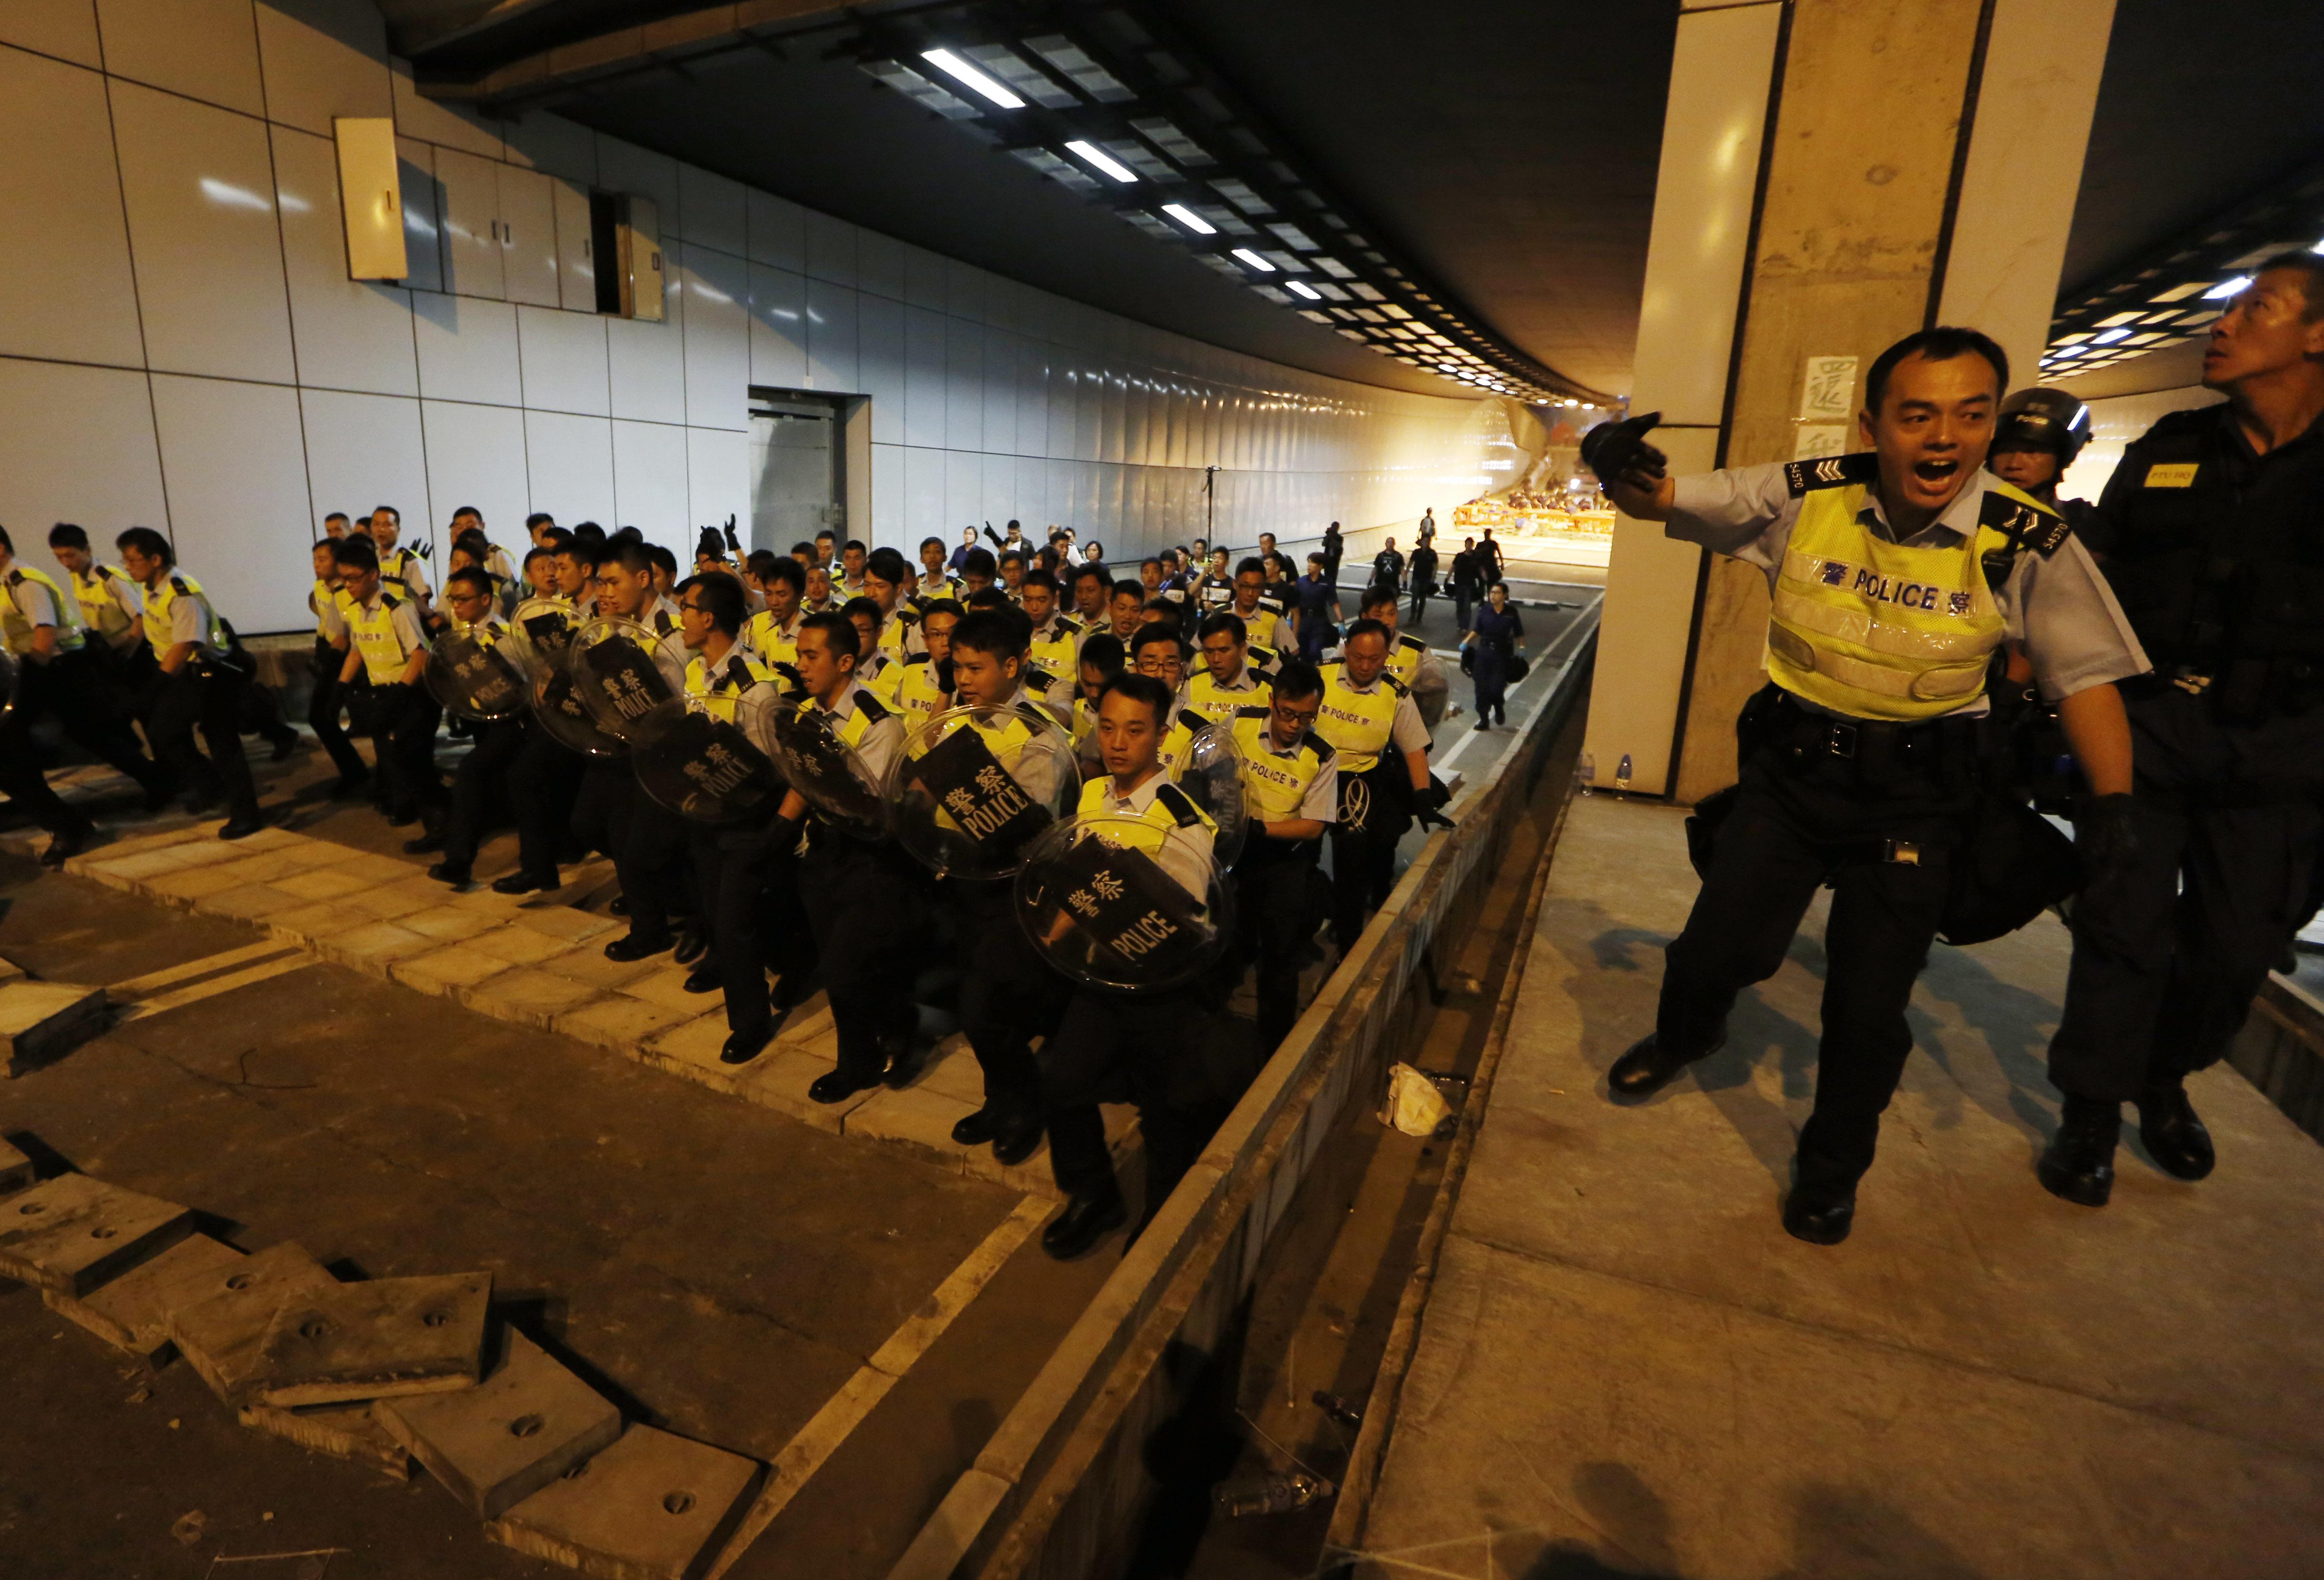 Suspenden a 7 policías por golpear a activista en Hong Kong